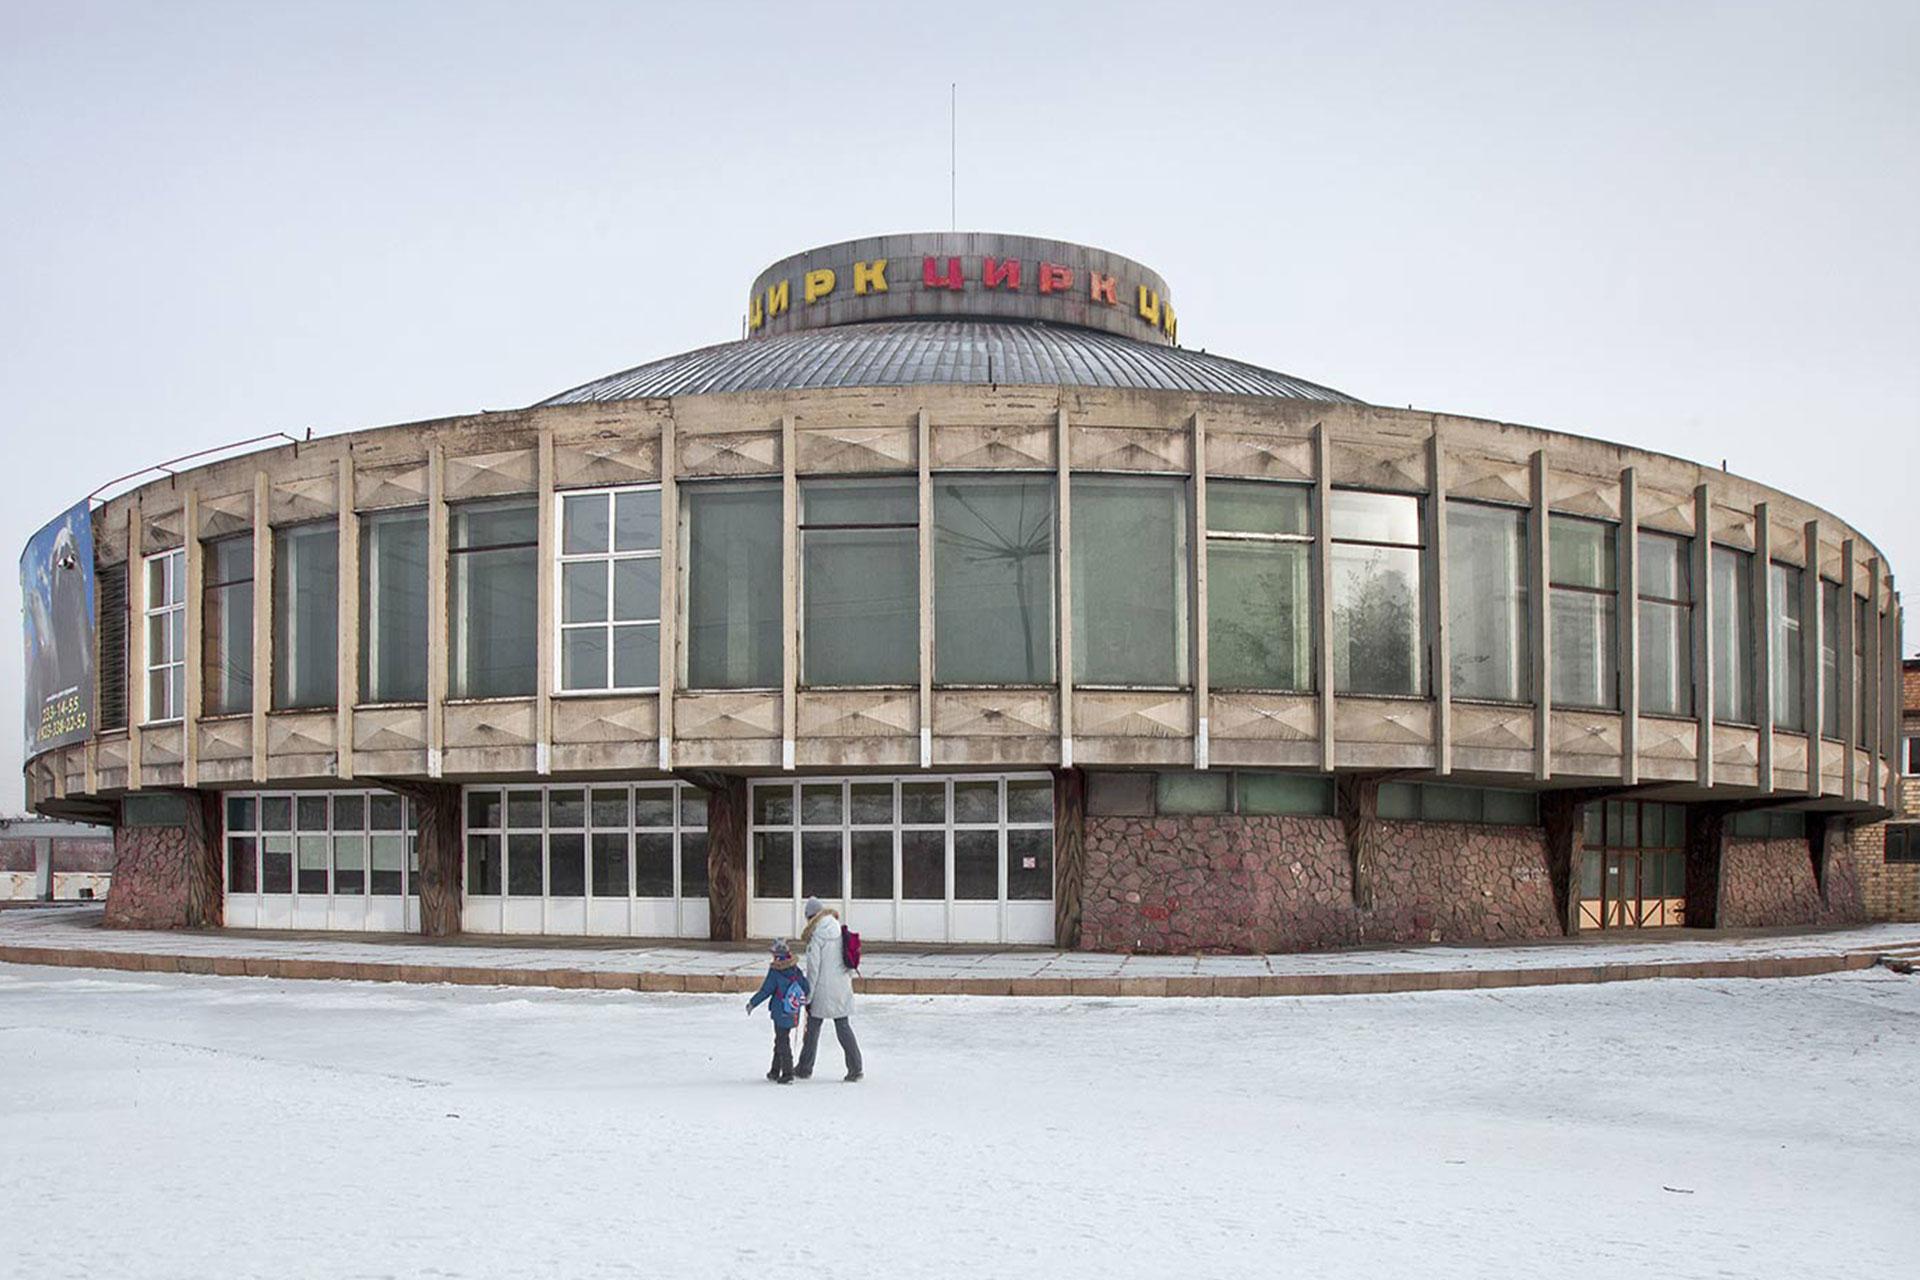 Siberia brutalista di Veryovkin